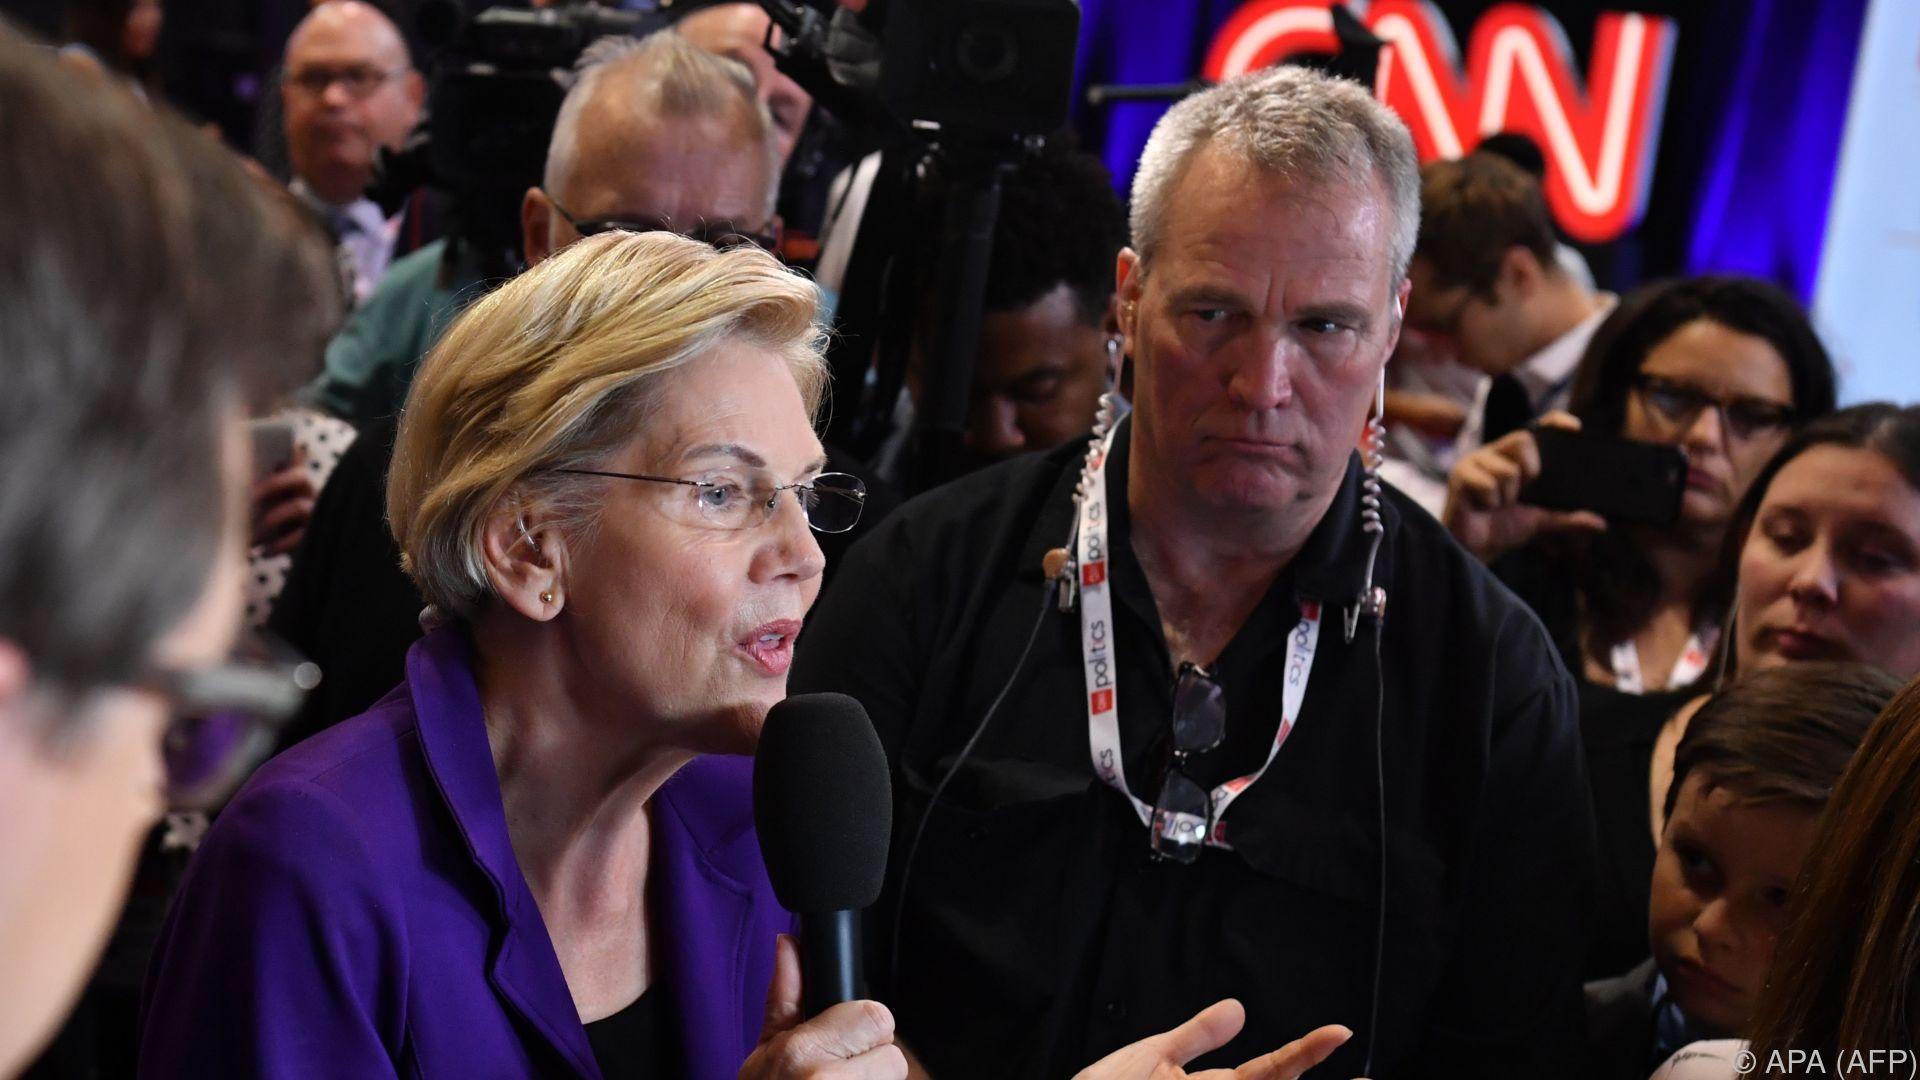 Heftige Attacken auf Warren in TV-Debatte der Demokraten